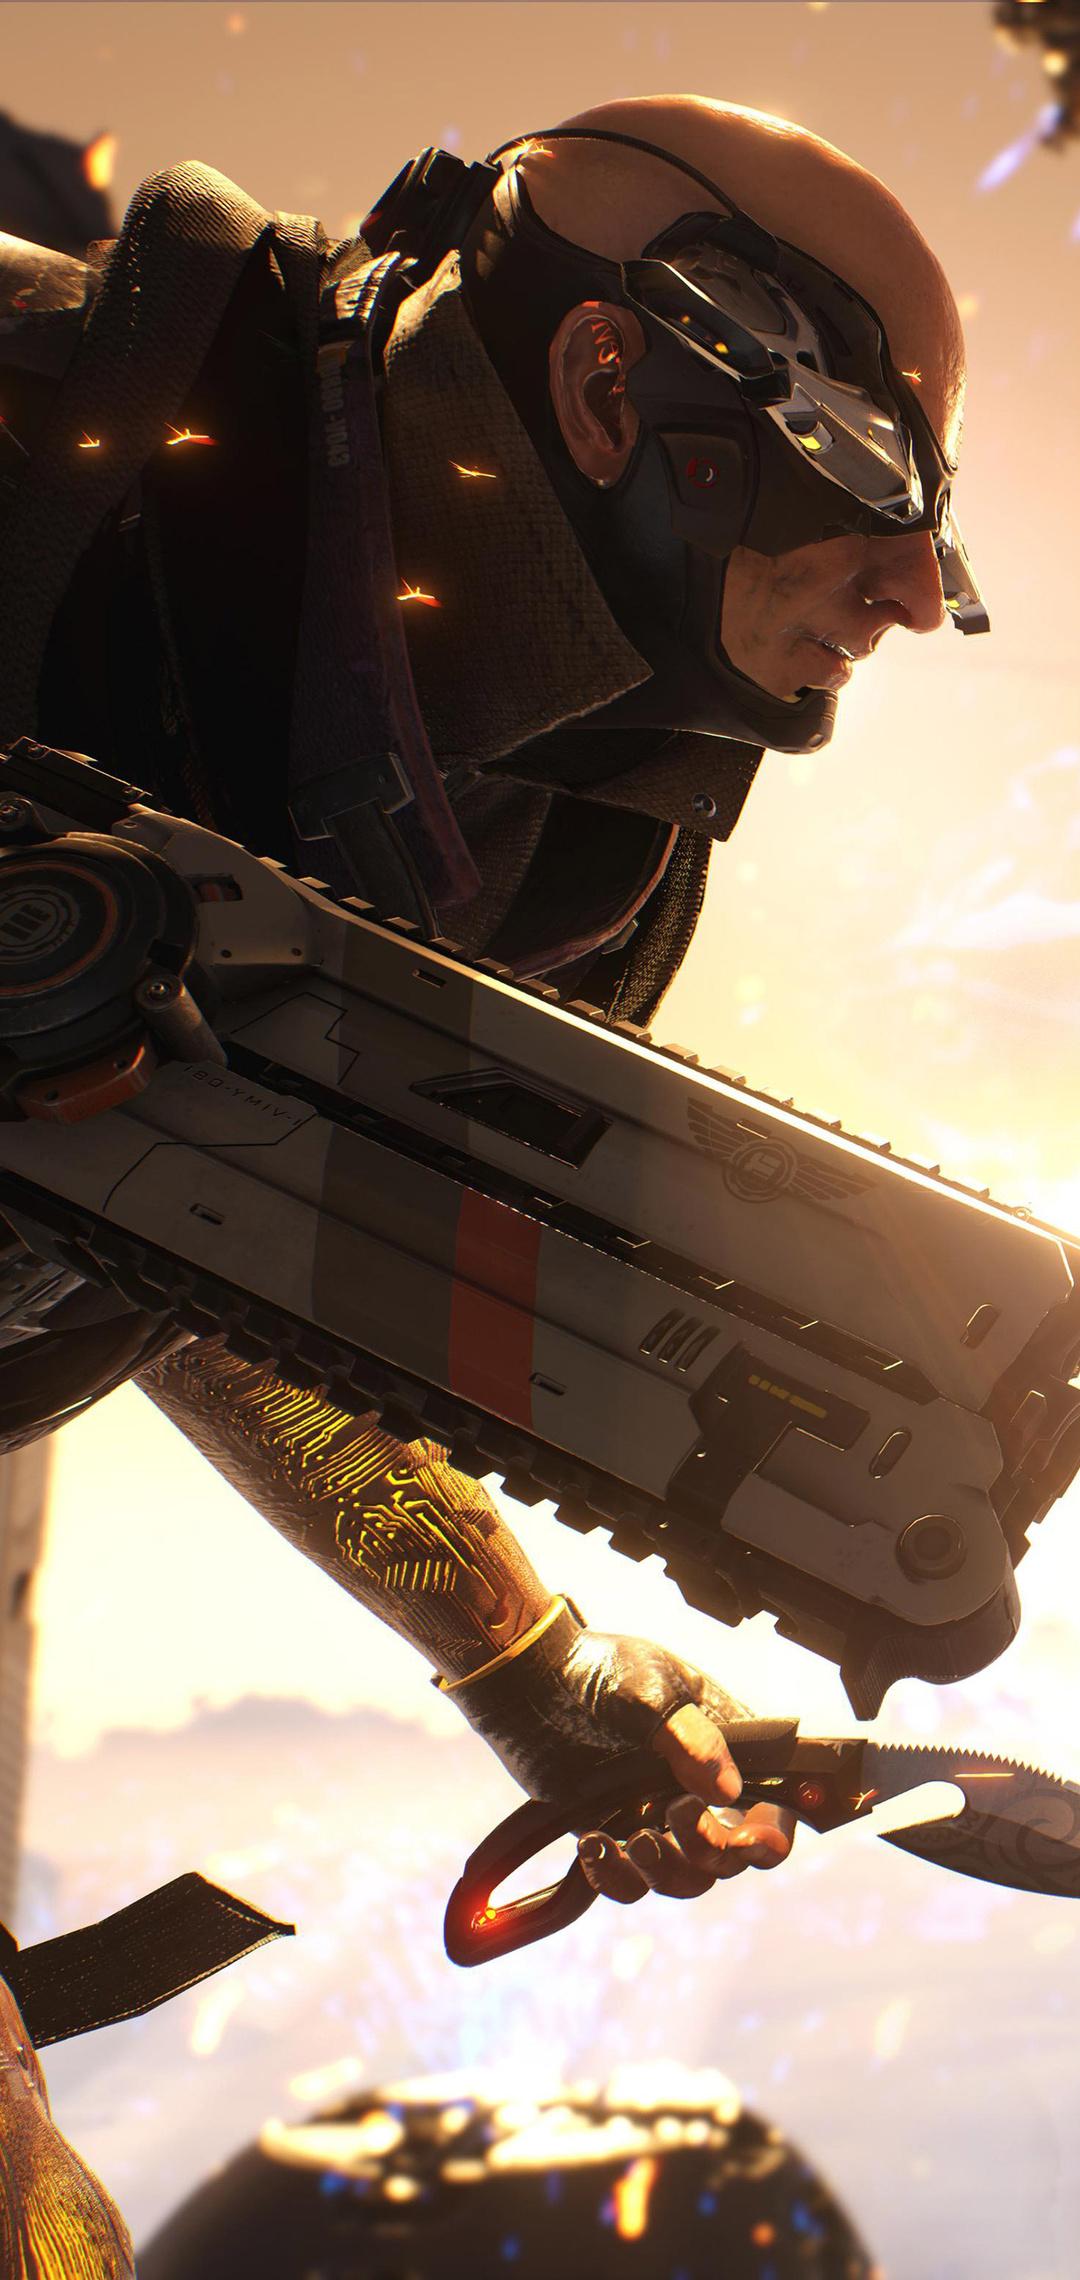 lawbreakers-gunslingers-game-5k-iy.jpg